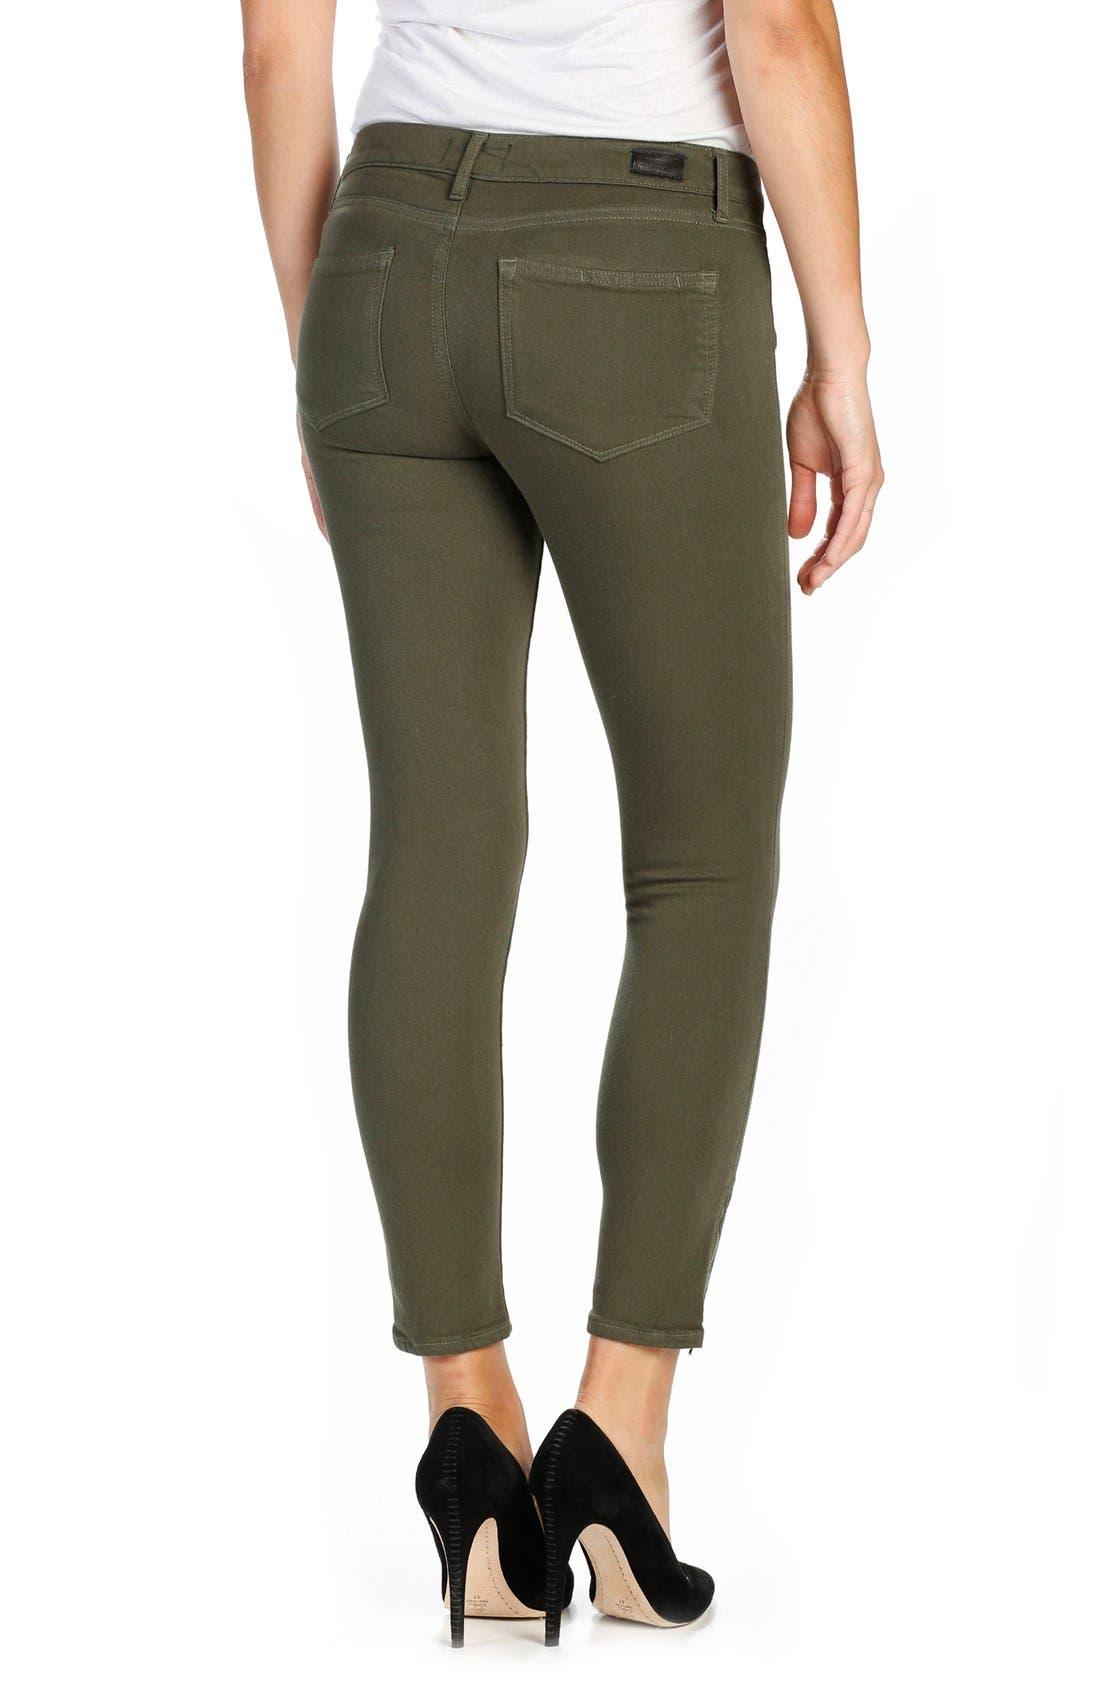 Alternate Image 2  - PAIGE Transcend Shay Ankle Skinny Jeans (Olive Leaf)